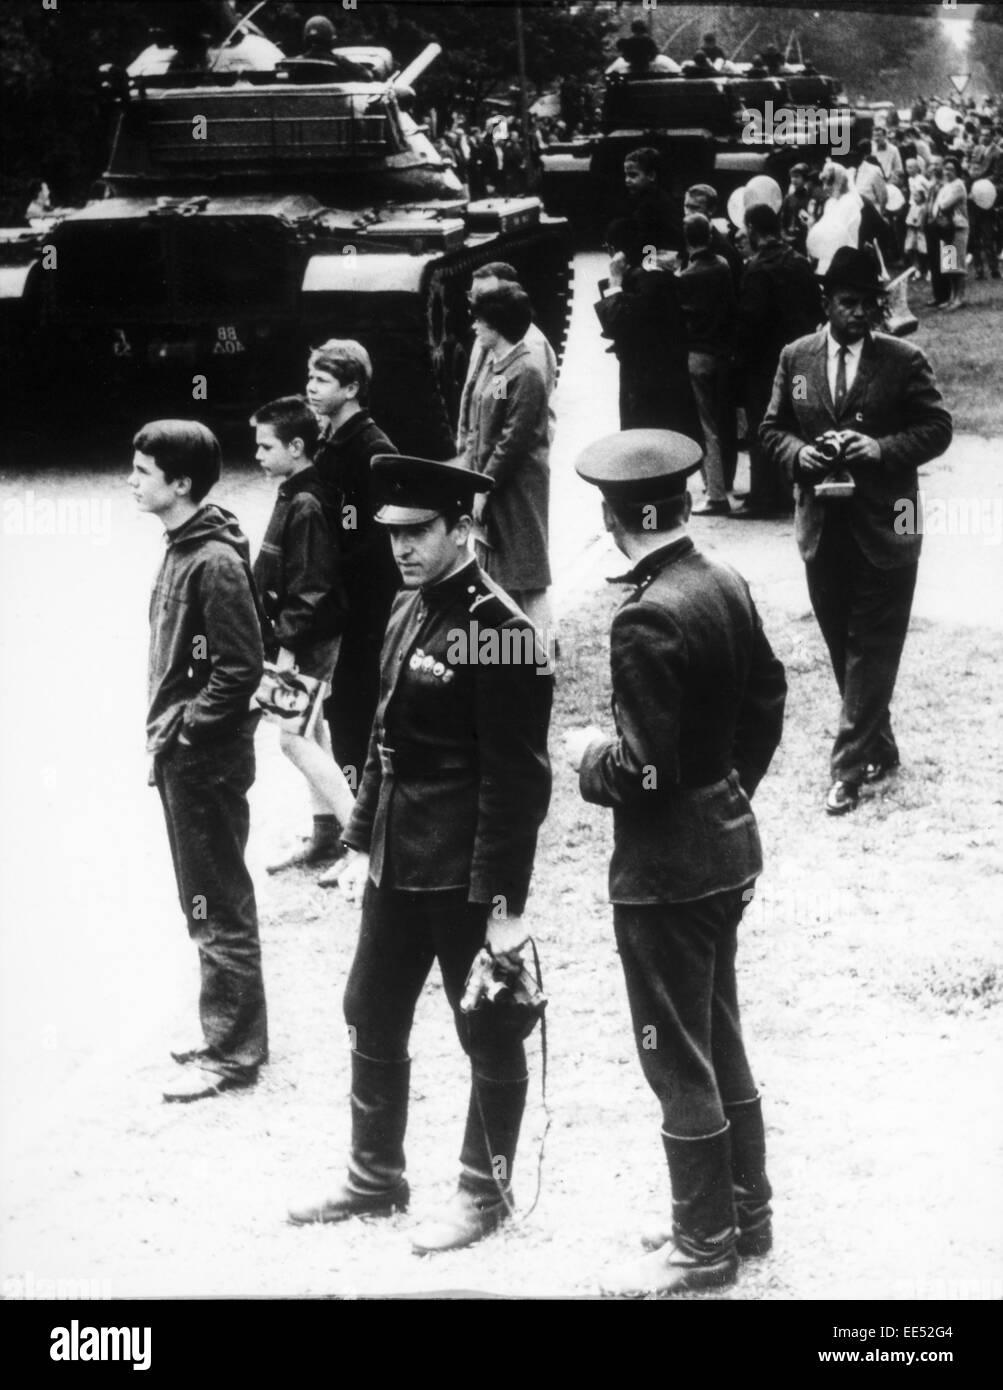 Los tanques americanos en Berlín Occidental, los soldados rusos en primer plano, 1965 Imagen De Stock